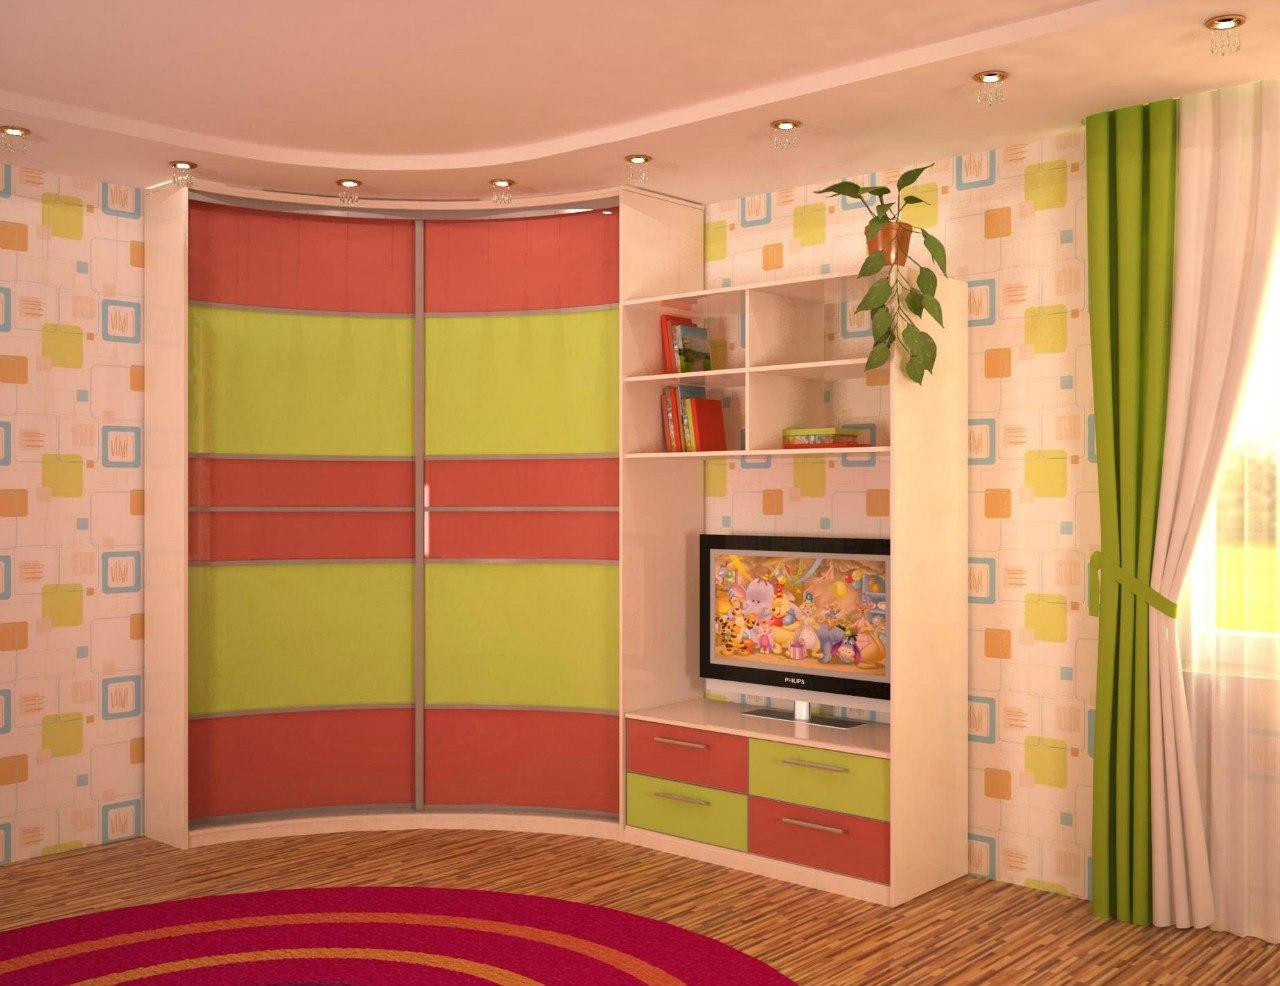 Шкаф-купе в детскую комнату: 75 фото идей дизайна.